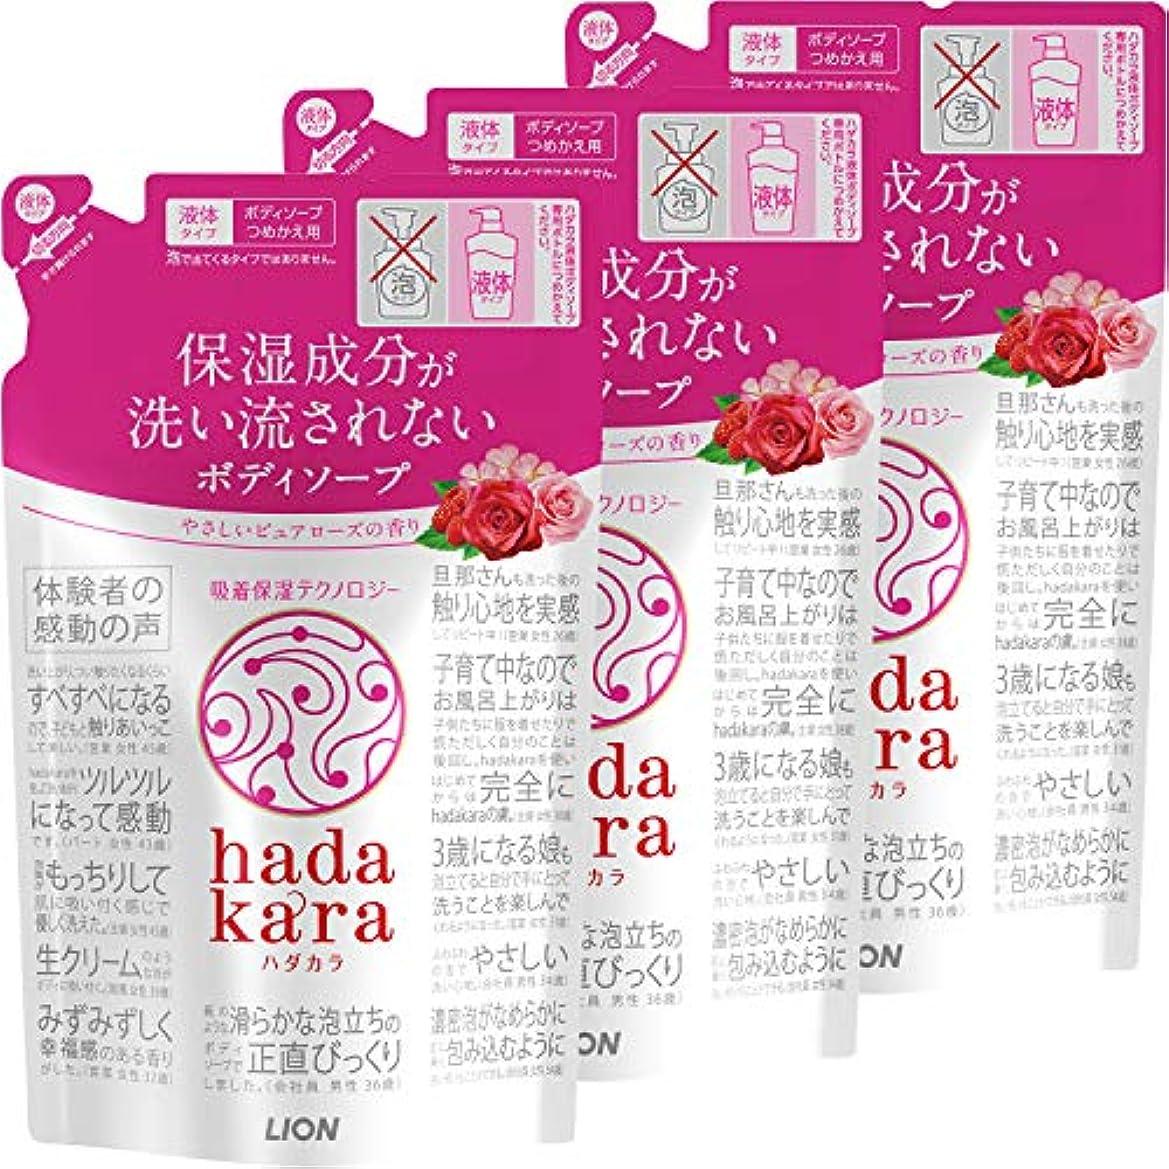 見つけたリットルハンディhadakara(ハダカラ) ボディソープ ピュアローズの香り つめかえ360ml×3個 詰替え用